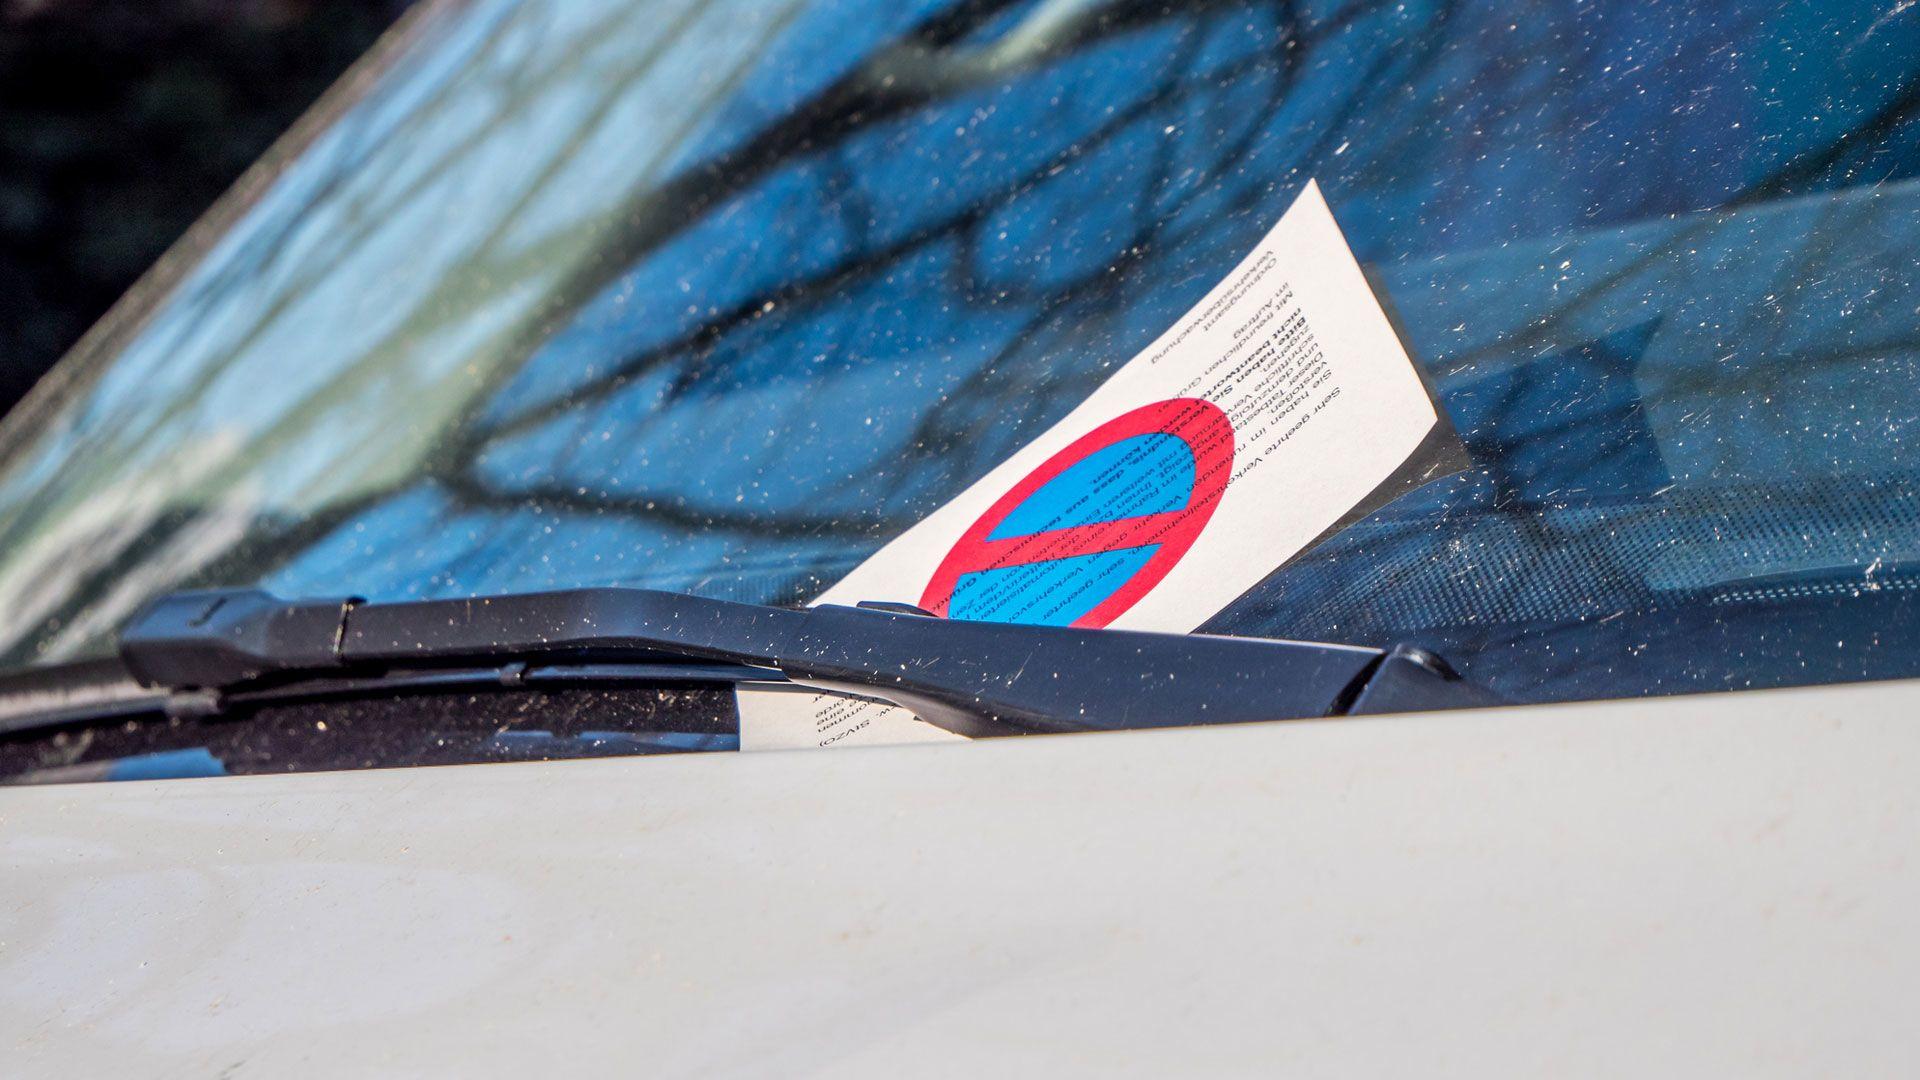 pécs évnyitó parkolás bírság büntetés